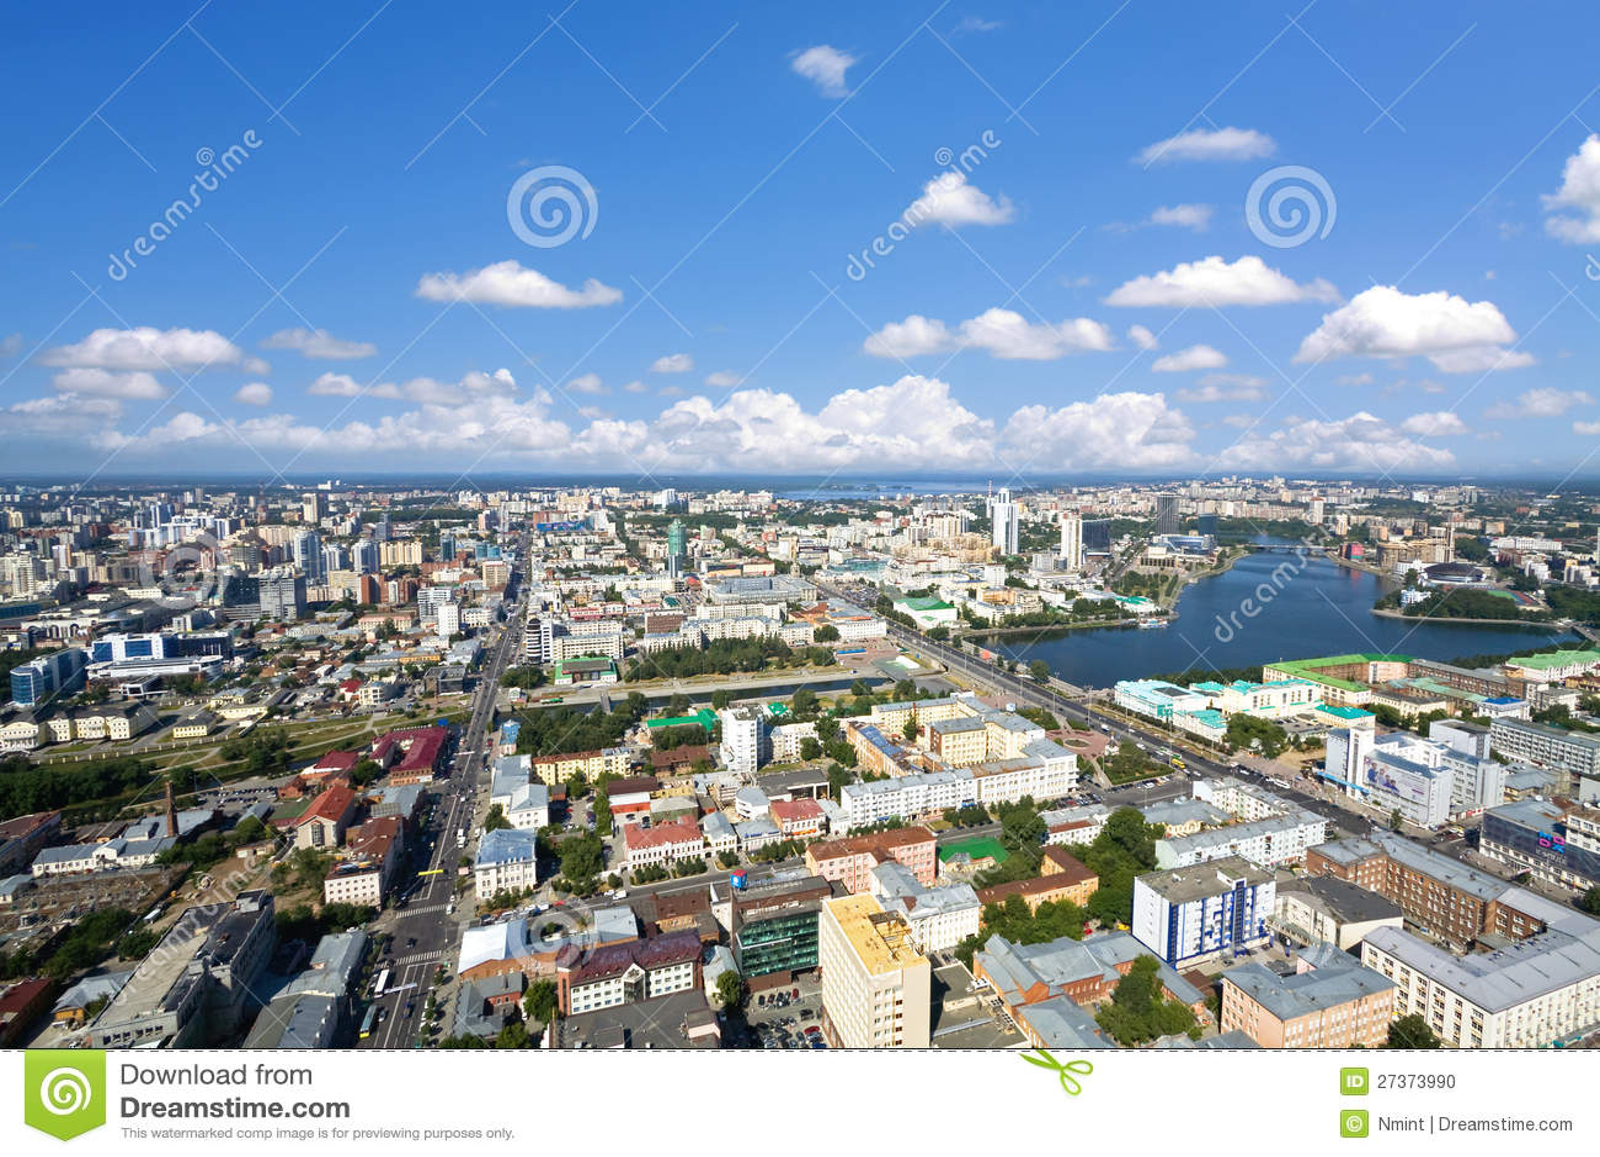 Centro de ciudad de Yekaterinburg, visión aérea